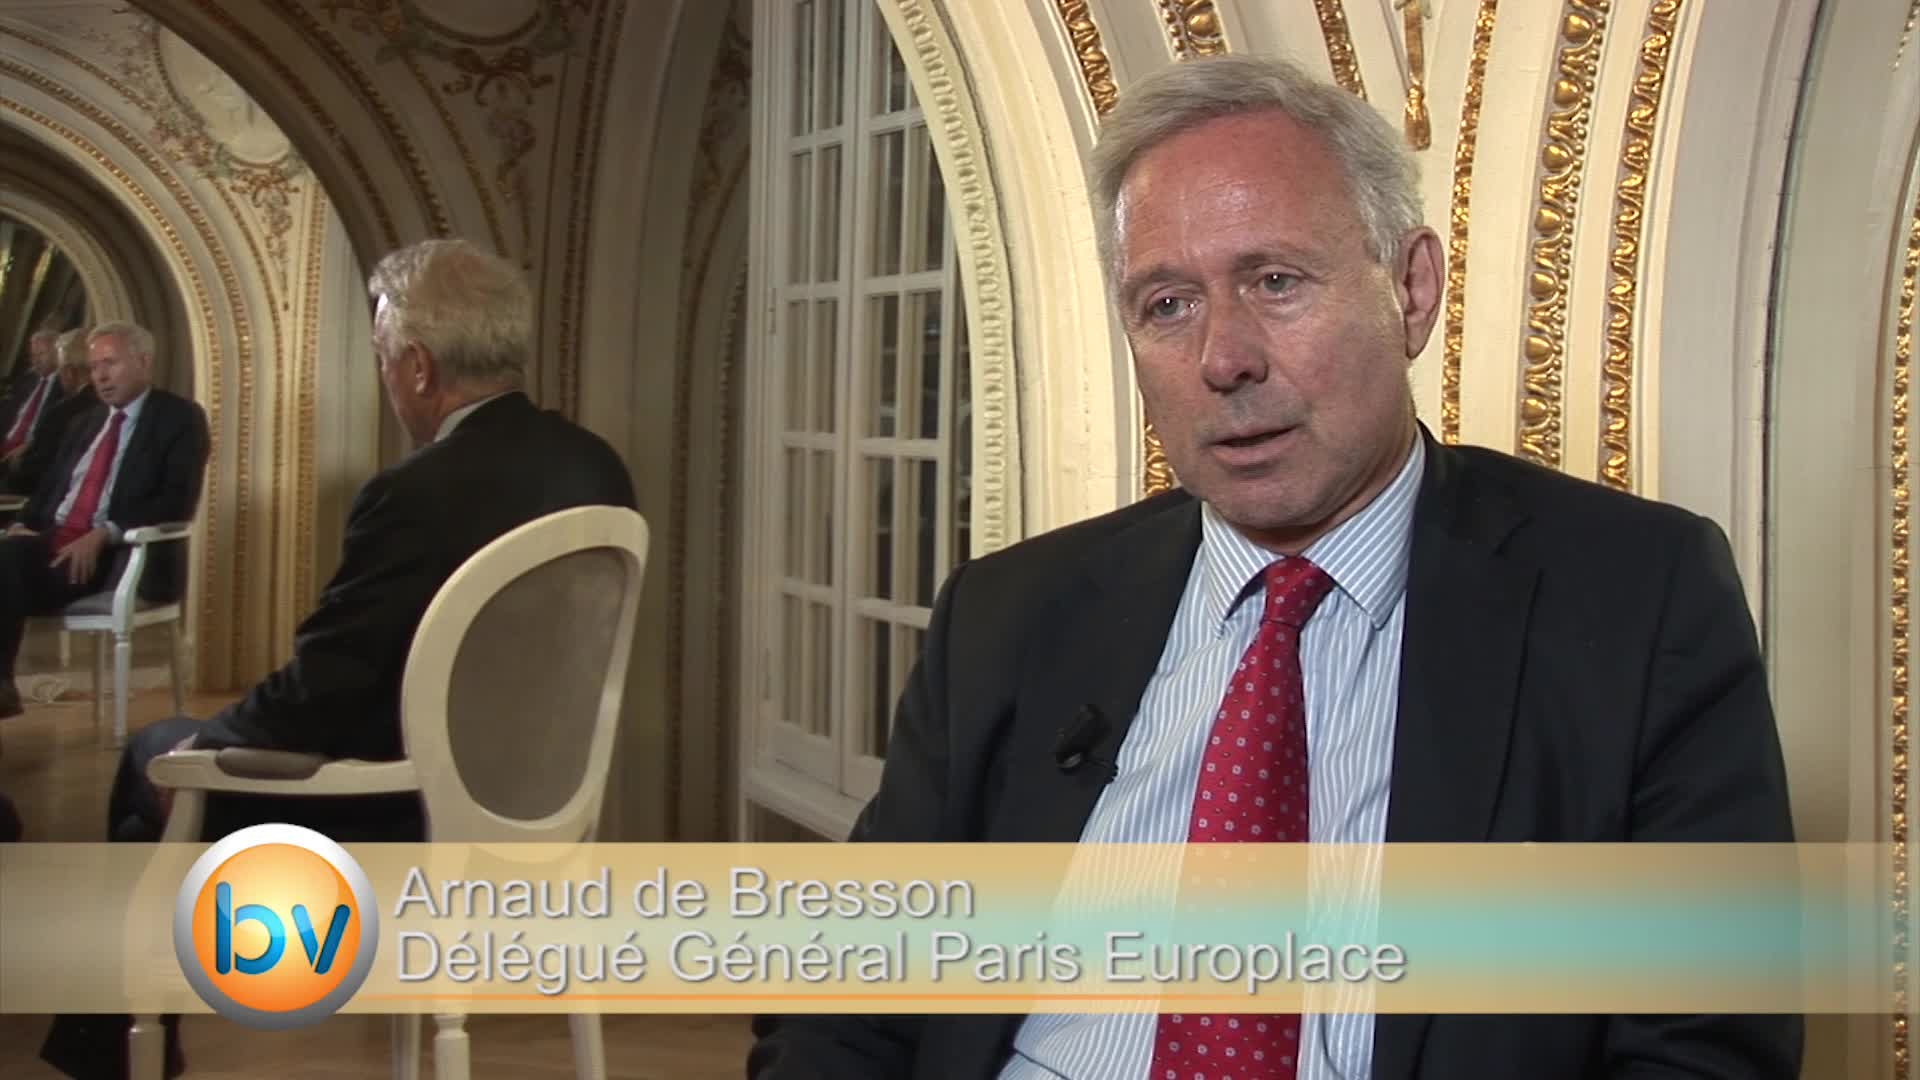 Arnaud de Bresson Délégué Général Paris Europlace : «Développer l'épargne longue reste une priorité»